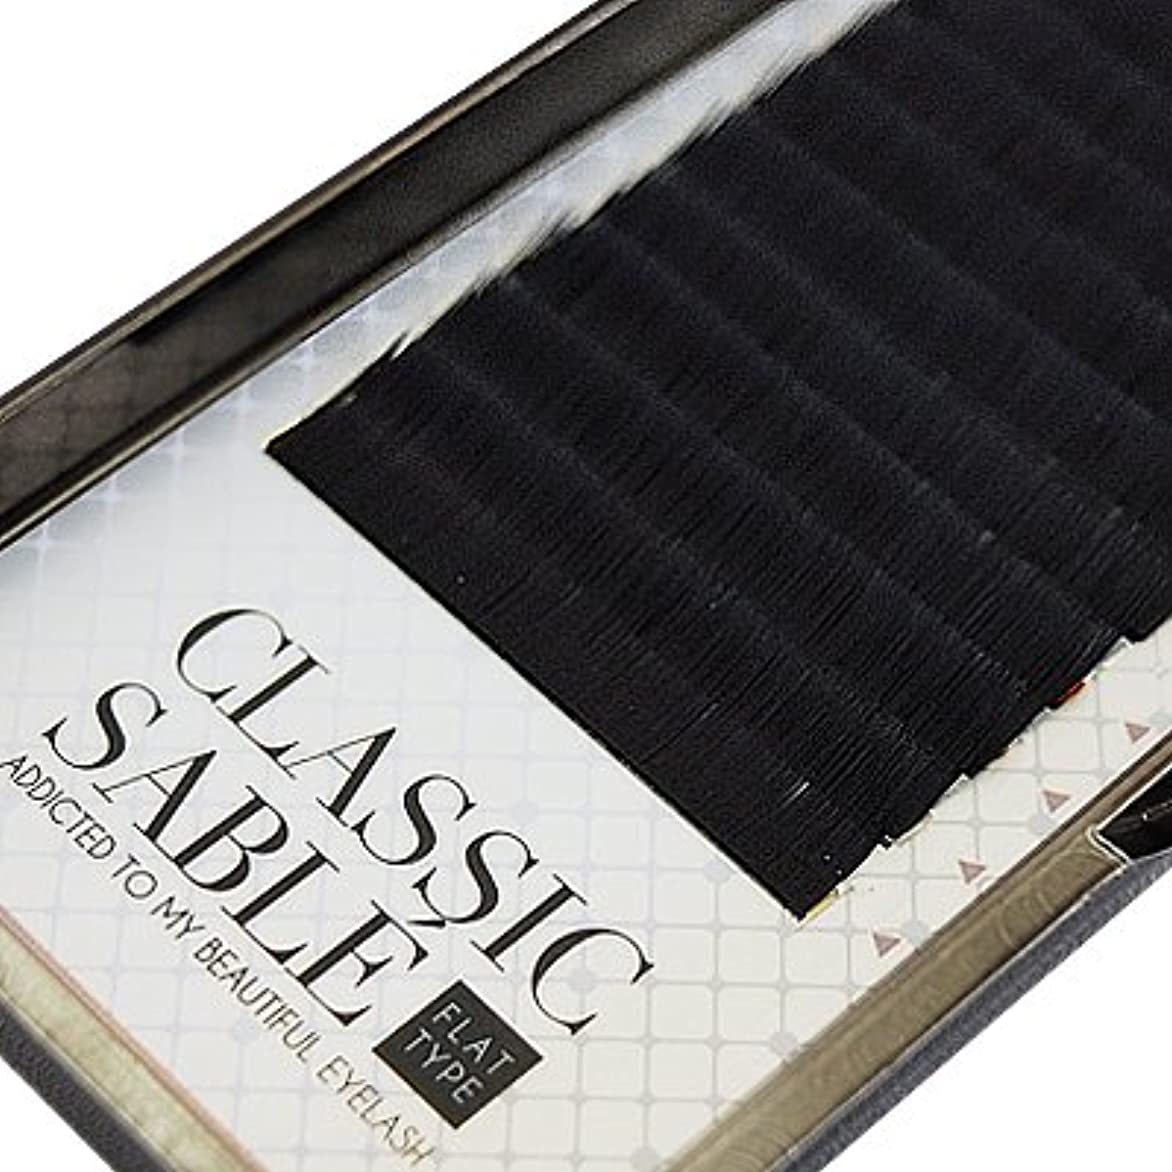 無知お共和国【amass Bona】クラシックセーブル フラットタイプ Dカール 0.20mm×13mm